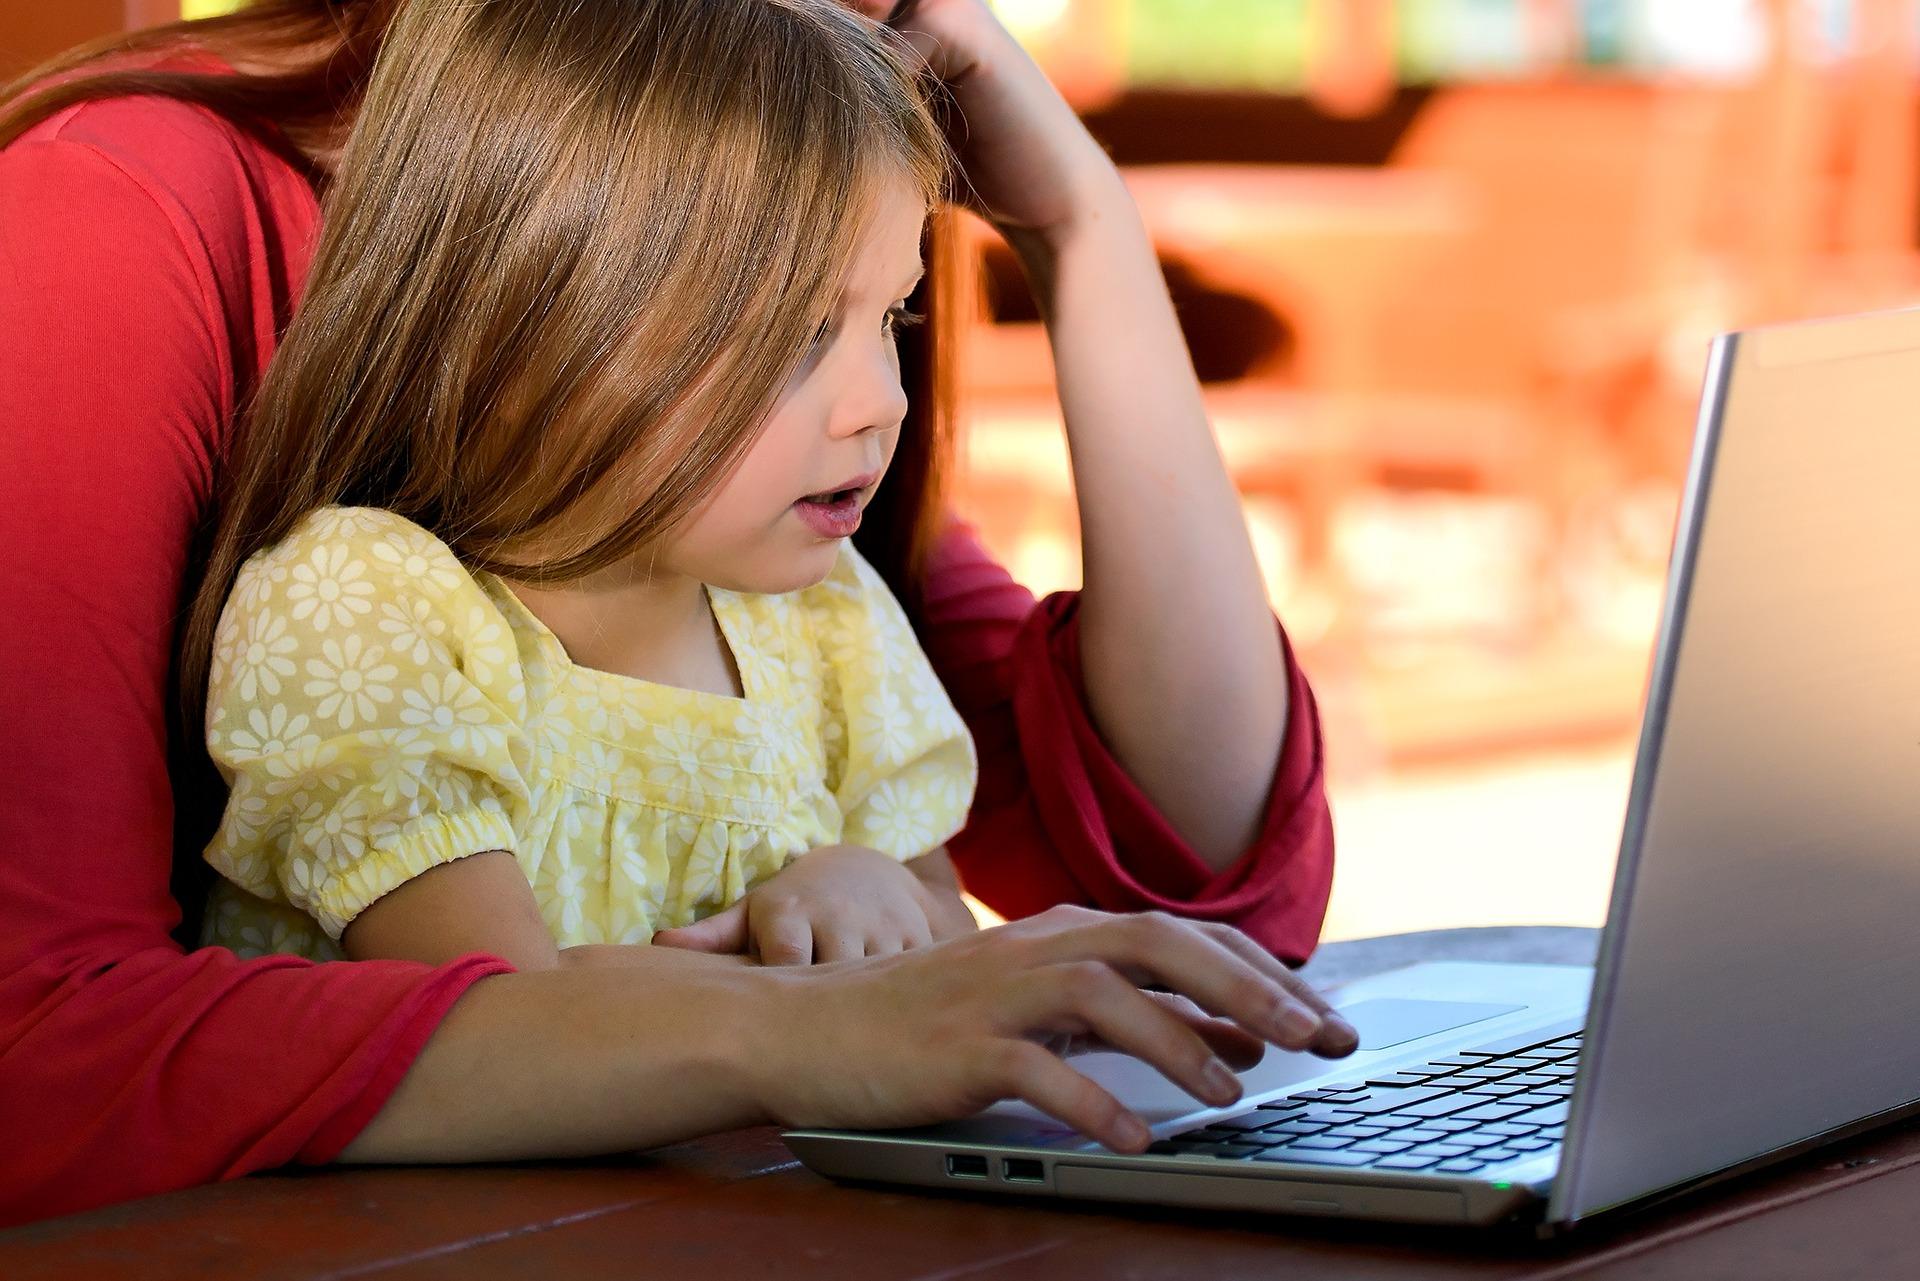 Як обмежити час роботи на комп'ютері для дитини